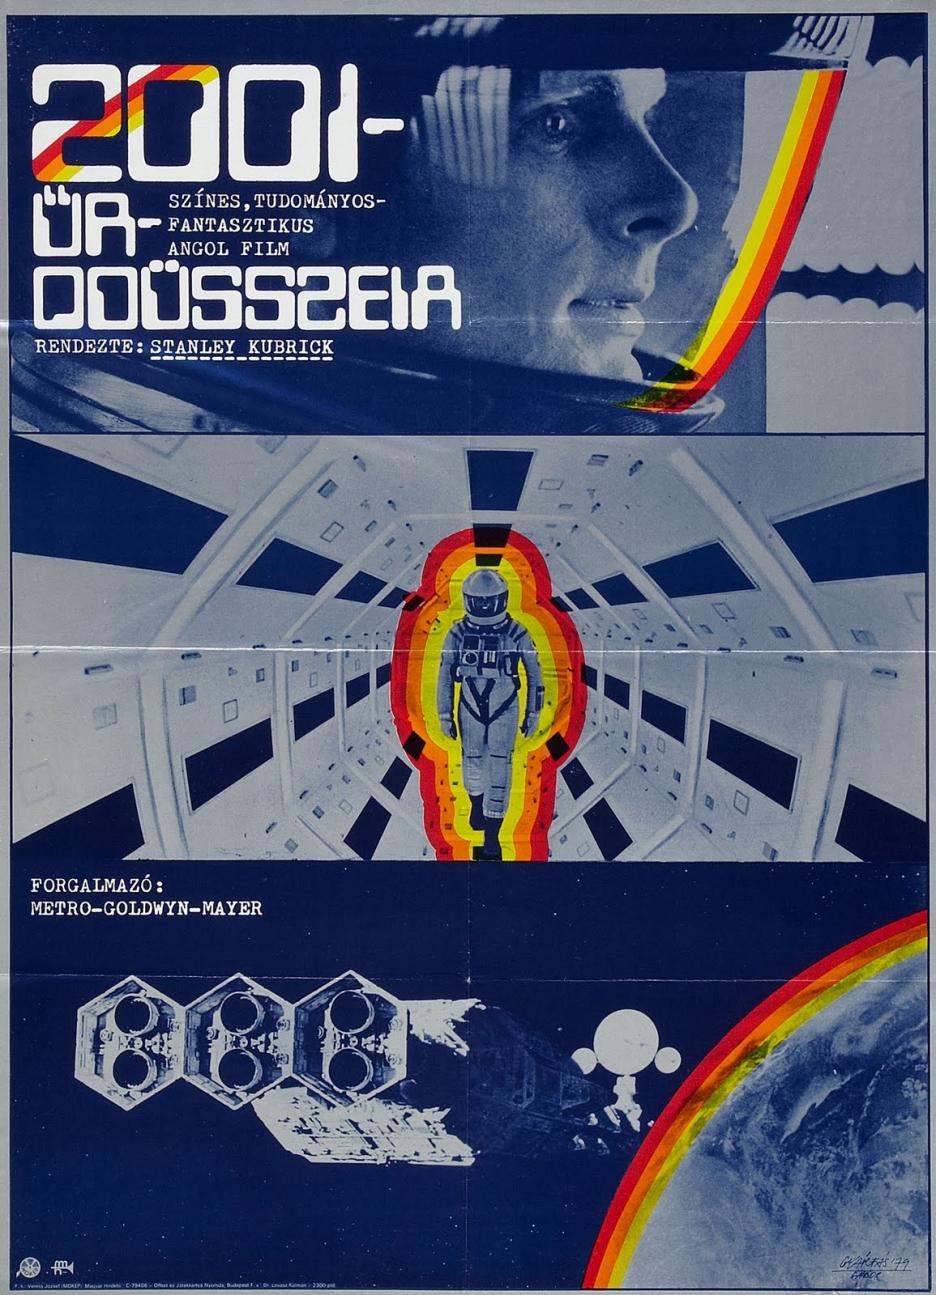 Nyerj páros belépőt a 2001: Űrodüsszeia premier előtti vetítésére!